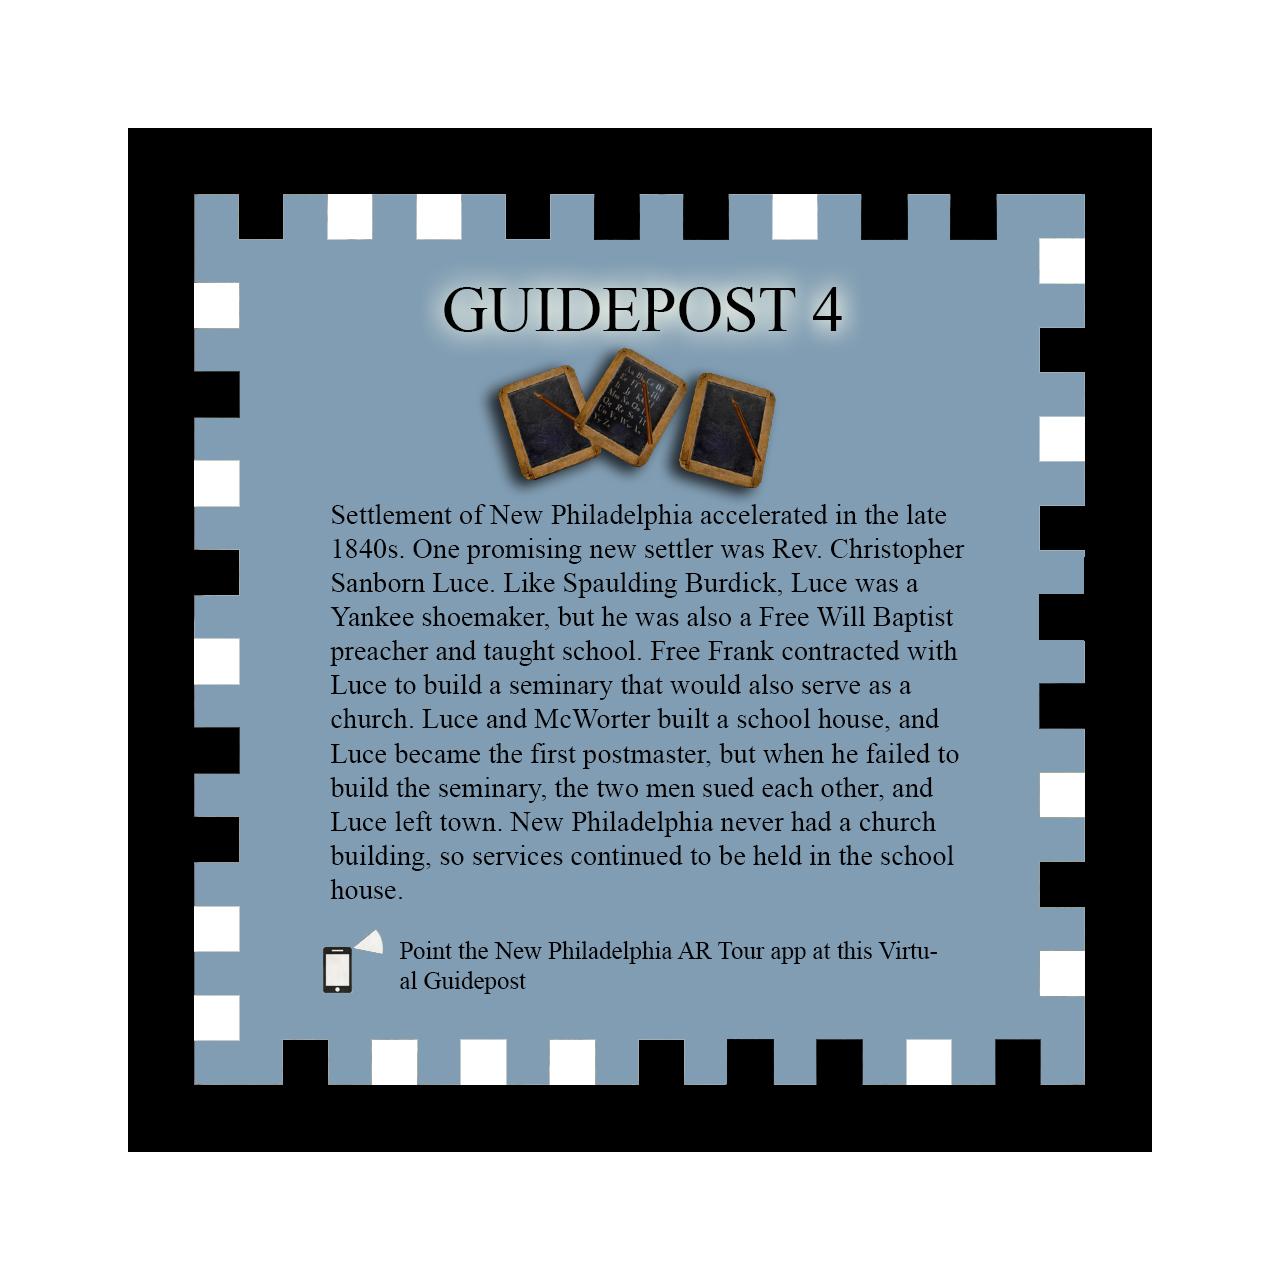 GuidePost4